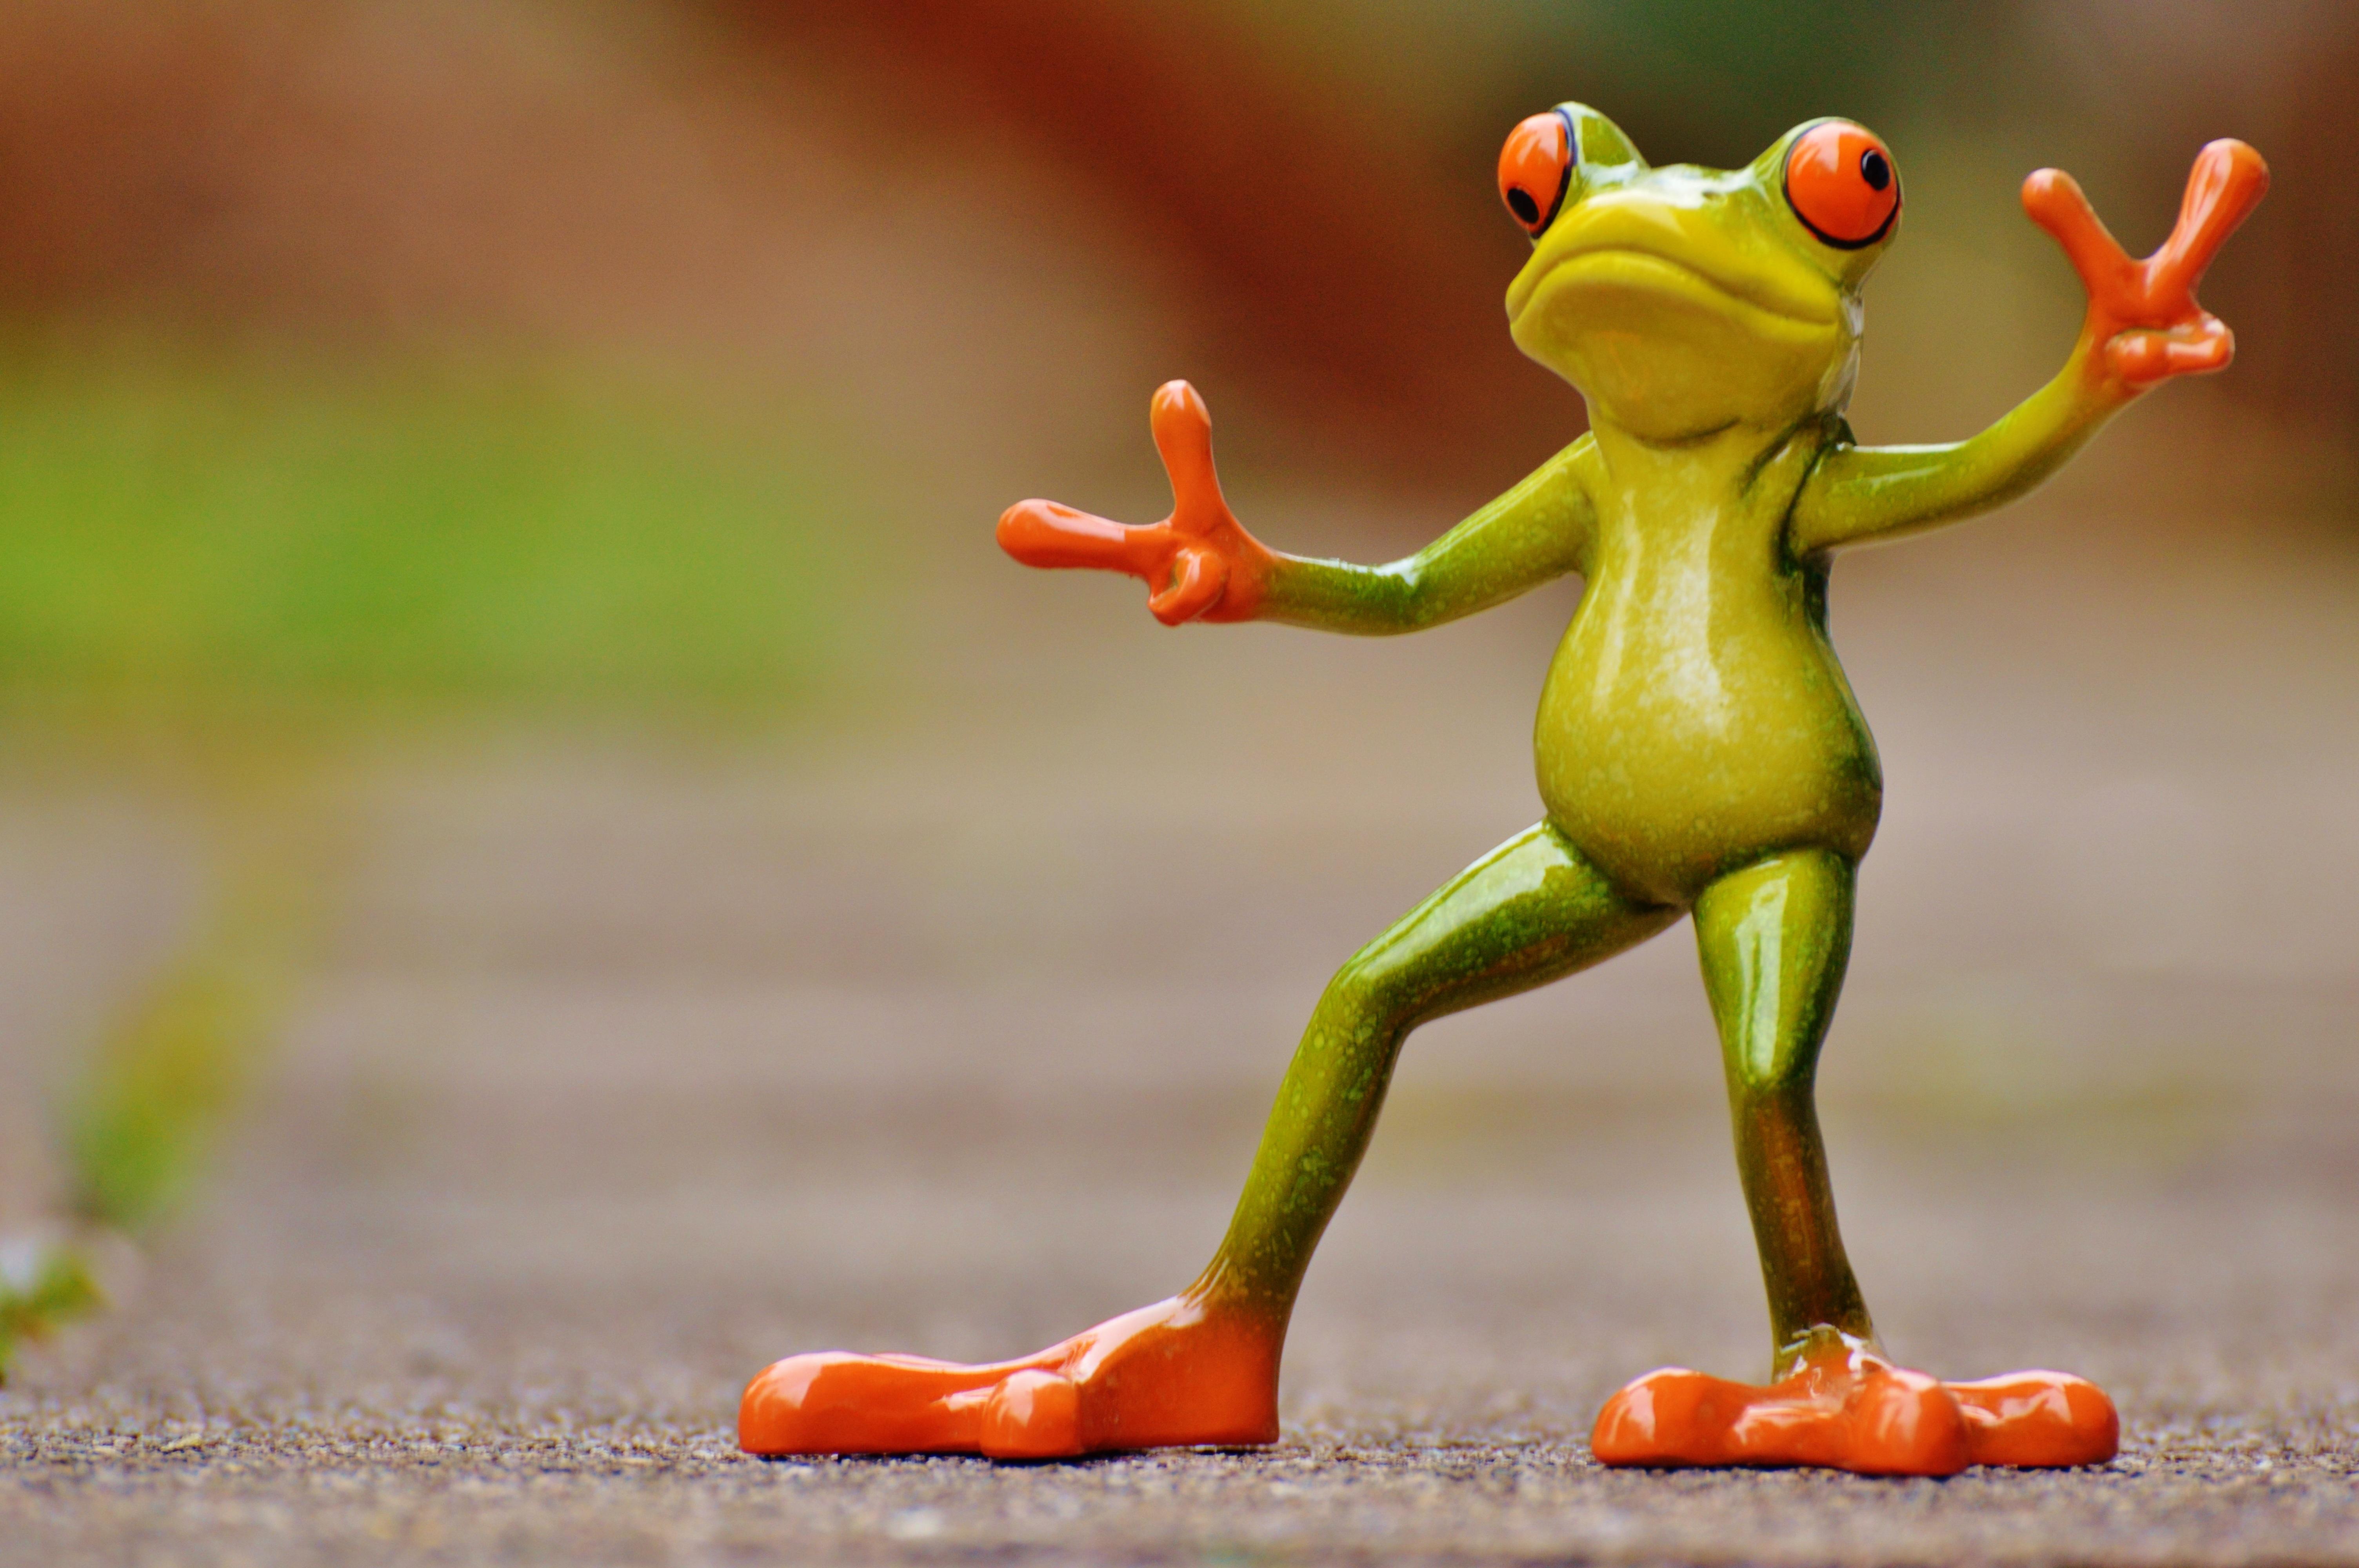 Днем, картинка с лягушкой смешная